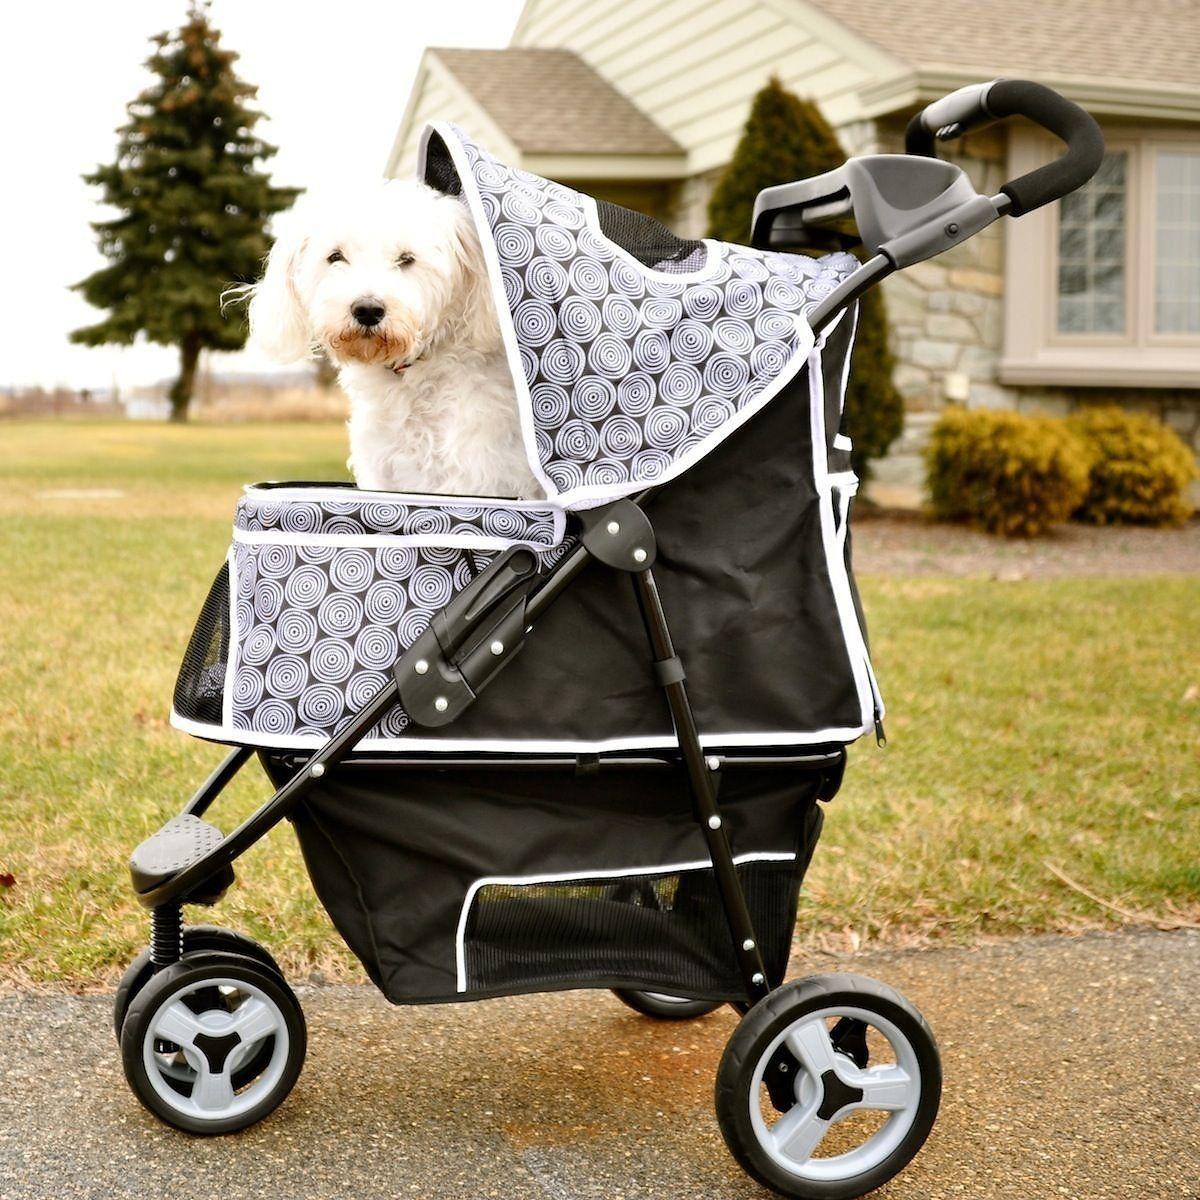 Gen7pets promenade pet stroller chewy free shipping